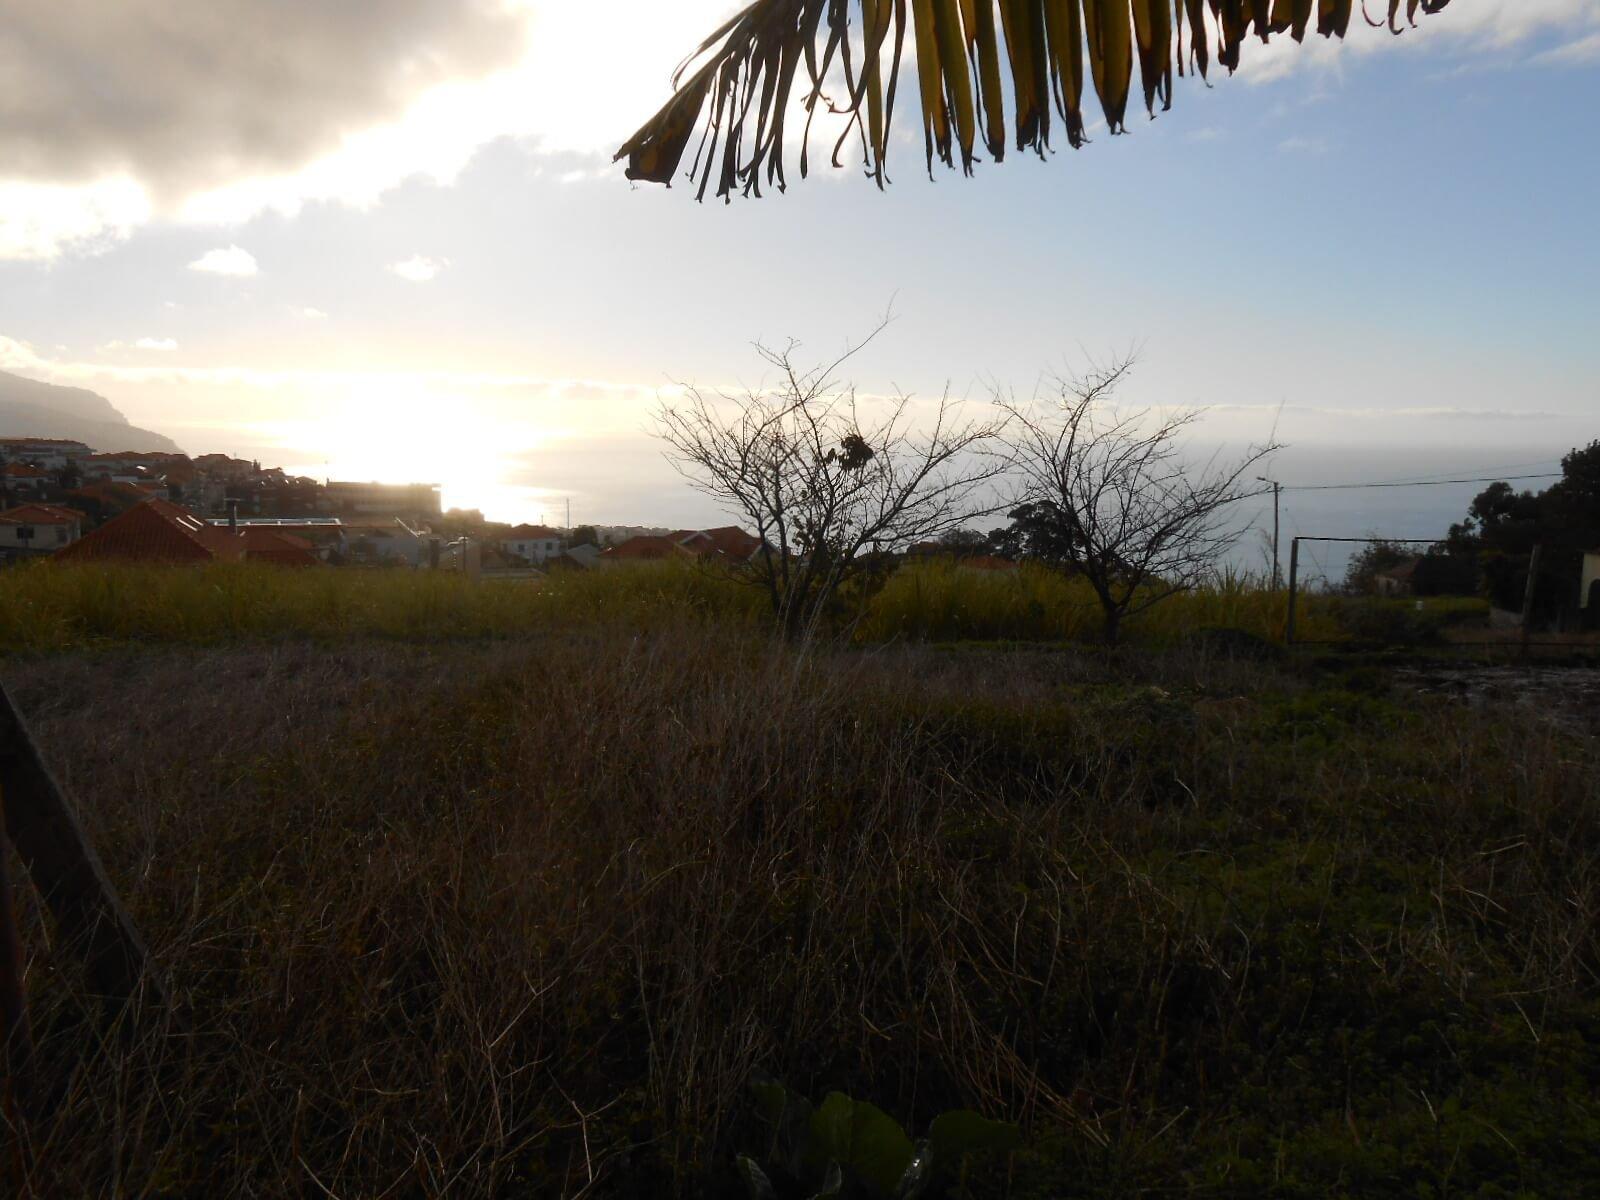 Maison Typique Maderienne T2 en Pierres Naturelles de 60m2 à Rénover, Idéal pour un Projet de Maison de Vacances avec 640 m2 de Terrain et Vue sur la Mer à Ponta do Sol.